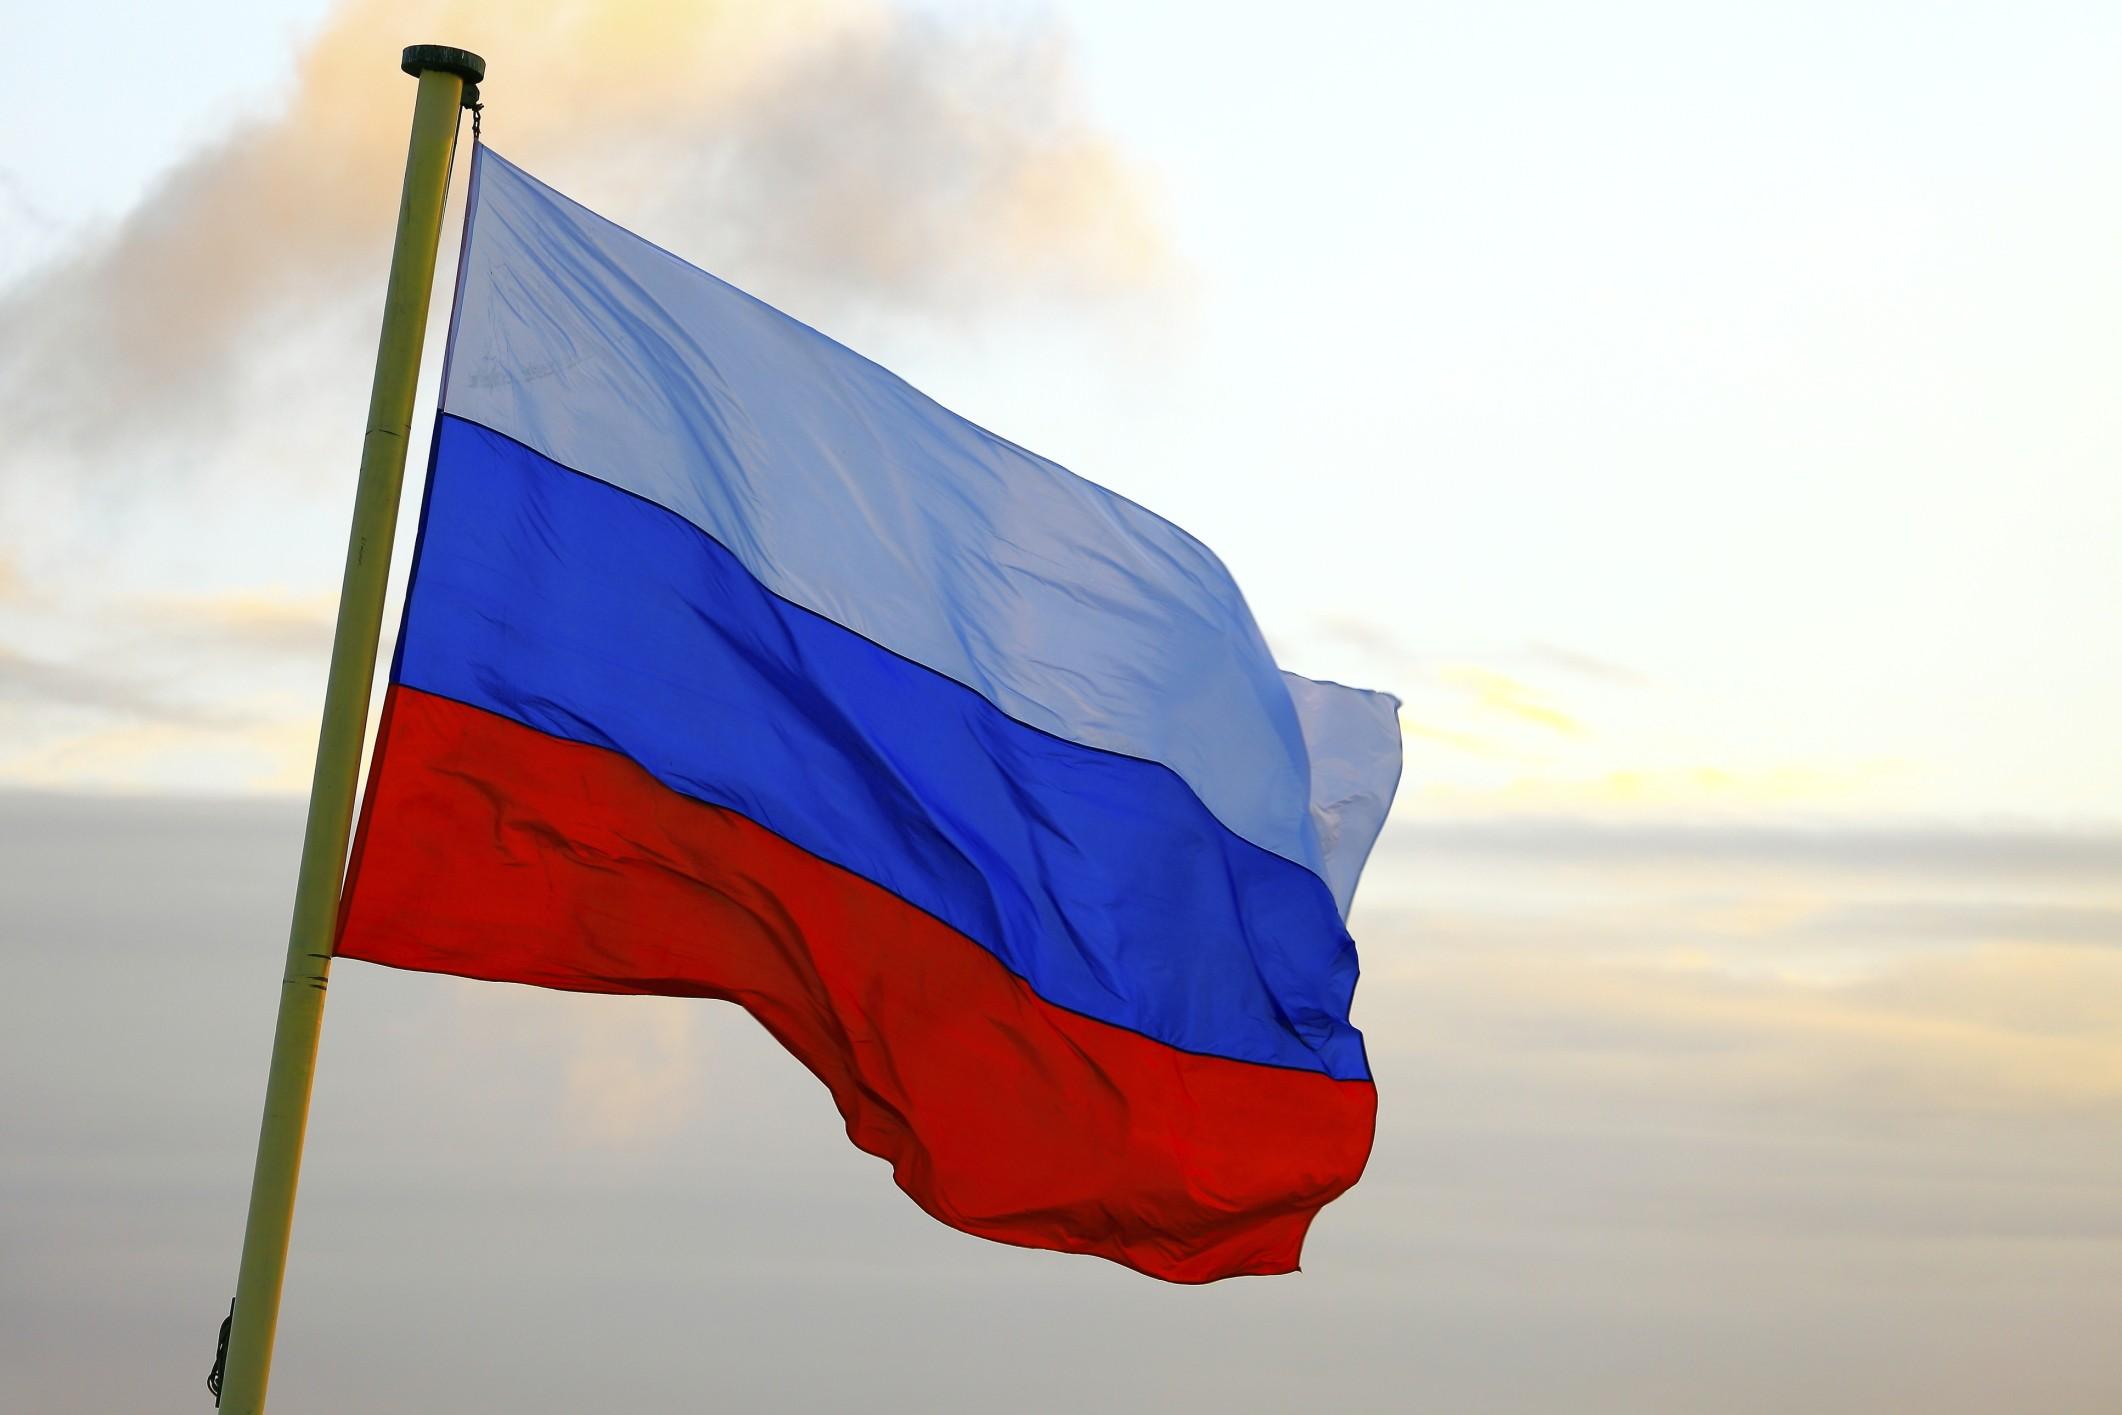 موسكو : لا بديل عن العملية التفاوضية لإيجاد حلول وسطفي ليبيا